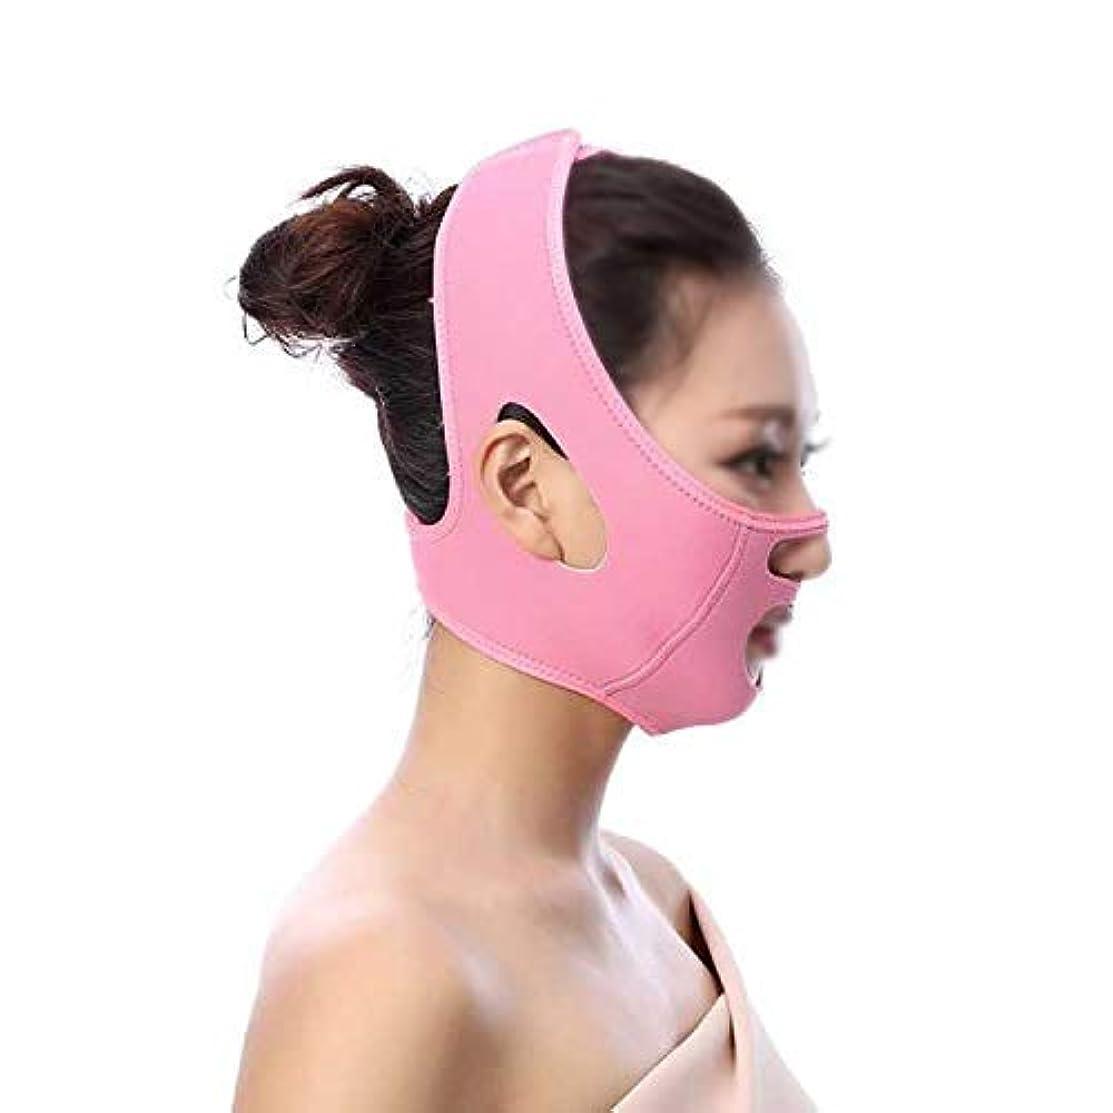 痩身ベルト、フェイスマスクvフェイスアーティファクトにあごを持ち上げるフェイスマスク睡眠薄いVフェイス包帯薄いフェイスステッカー